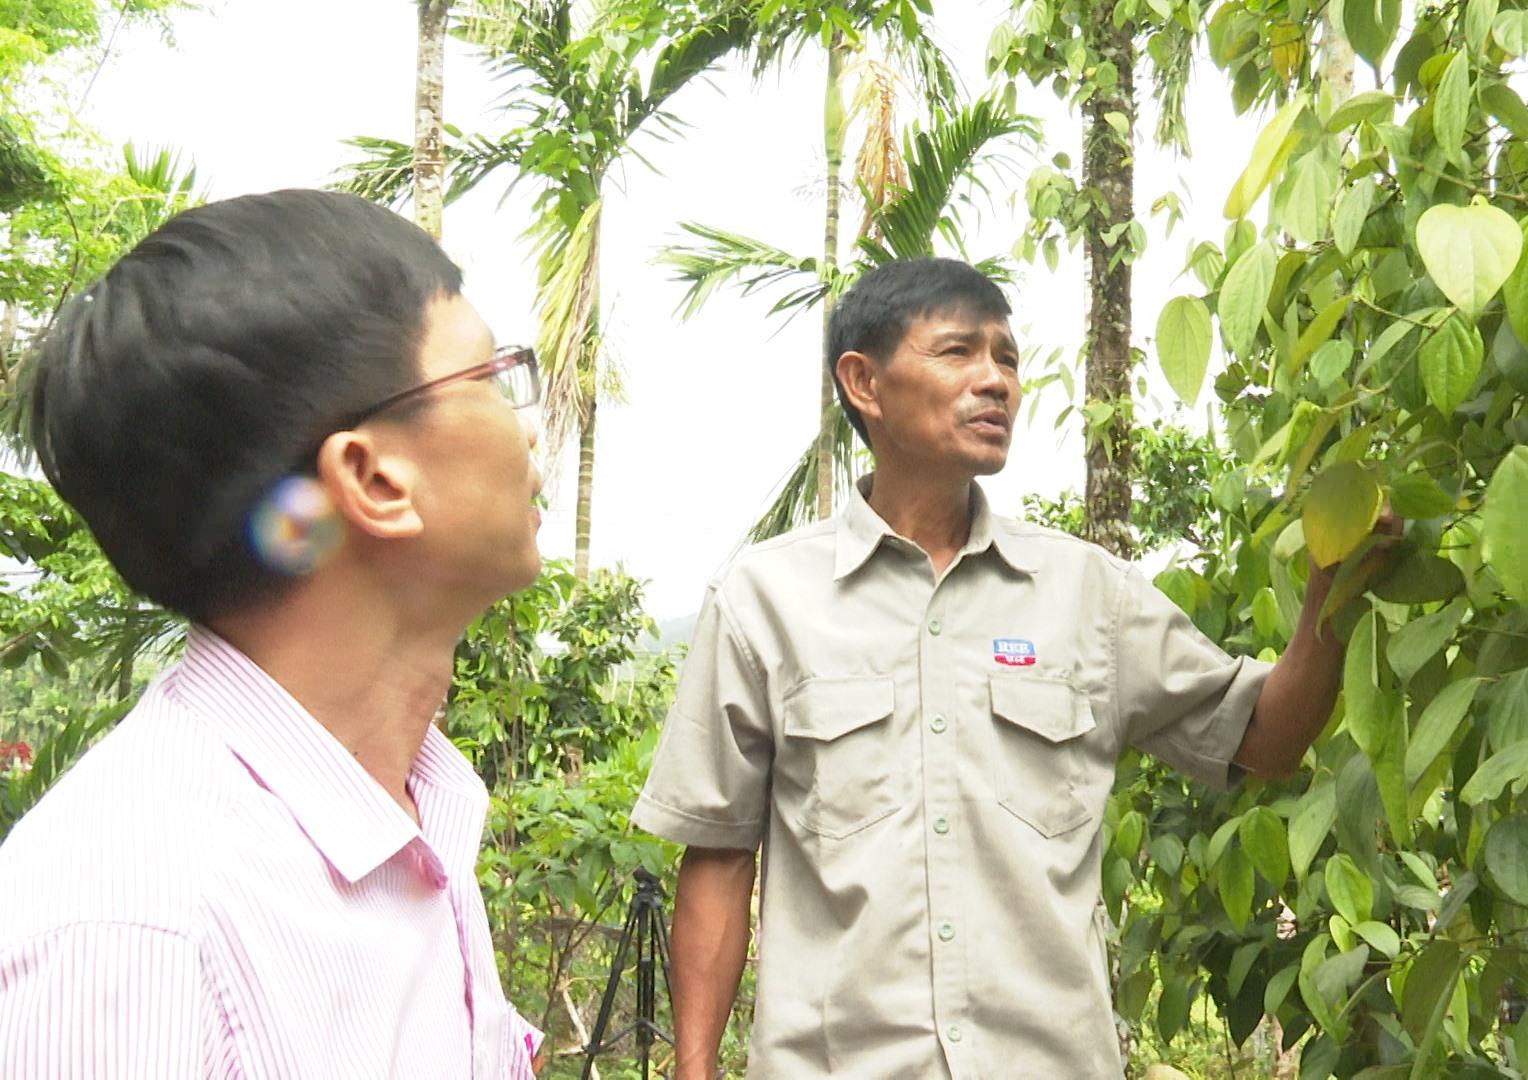 Cán bộ Ngân hàng Chính sách xã hội huyện Tiên Phước thăm mô hình phát triển kinh tế của ông Nguyễn Văn Nguyệt (thôn 6, xã Tiên Cảnh). Ảnh: H.H